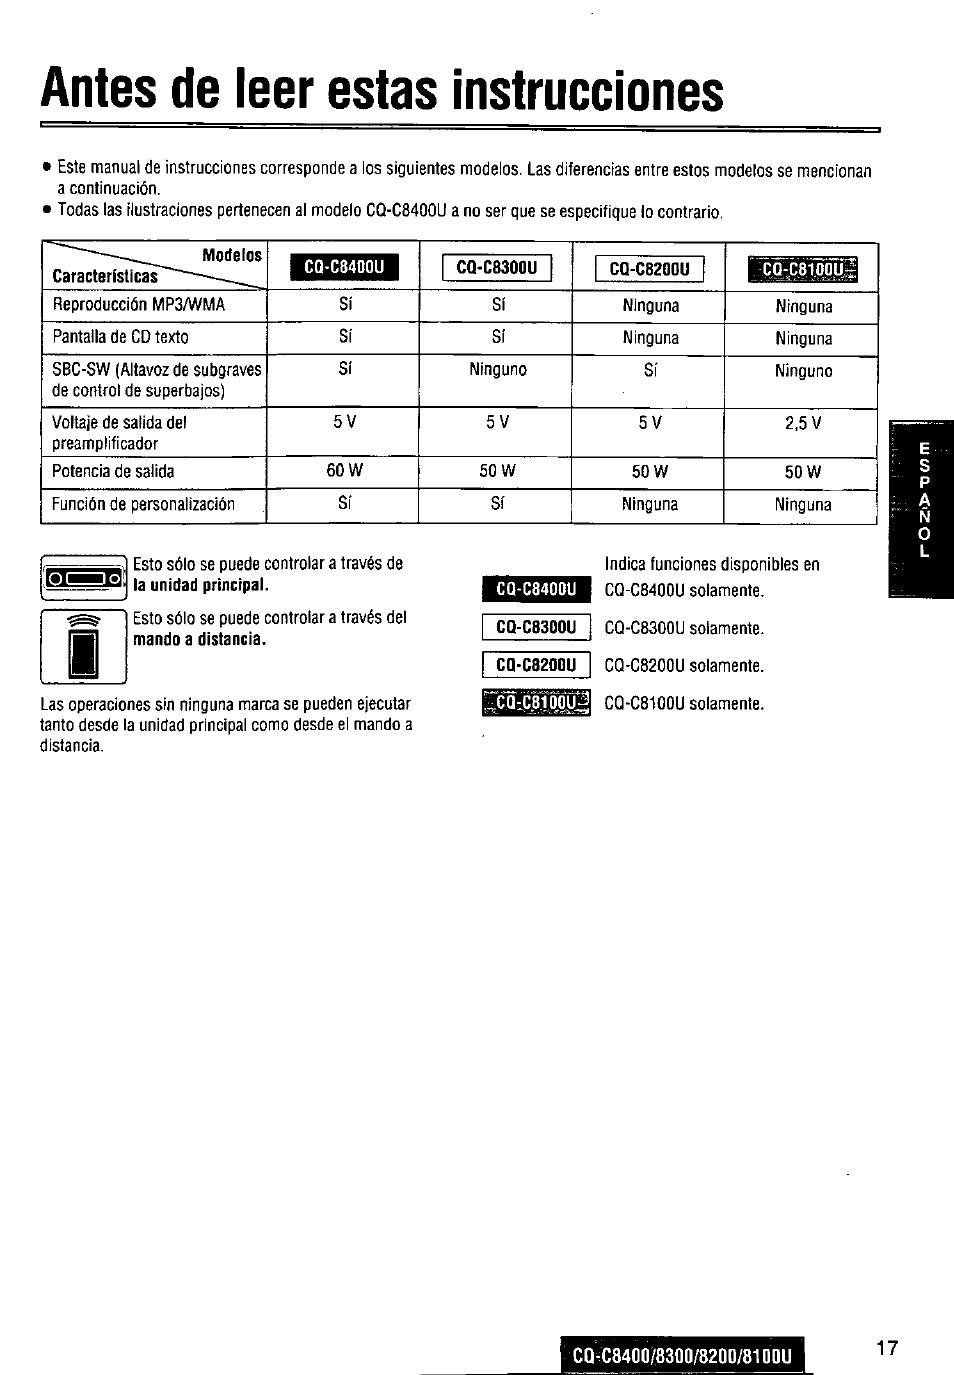 medium resolution of antes de leer estas instrucciones cq c8300u cq c820qu panasonic cq